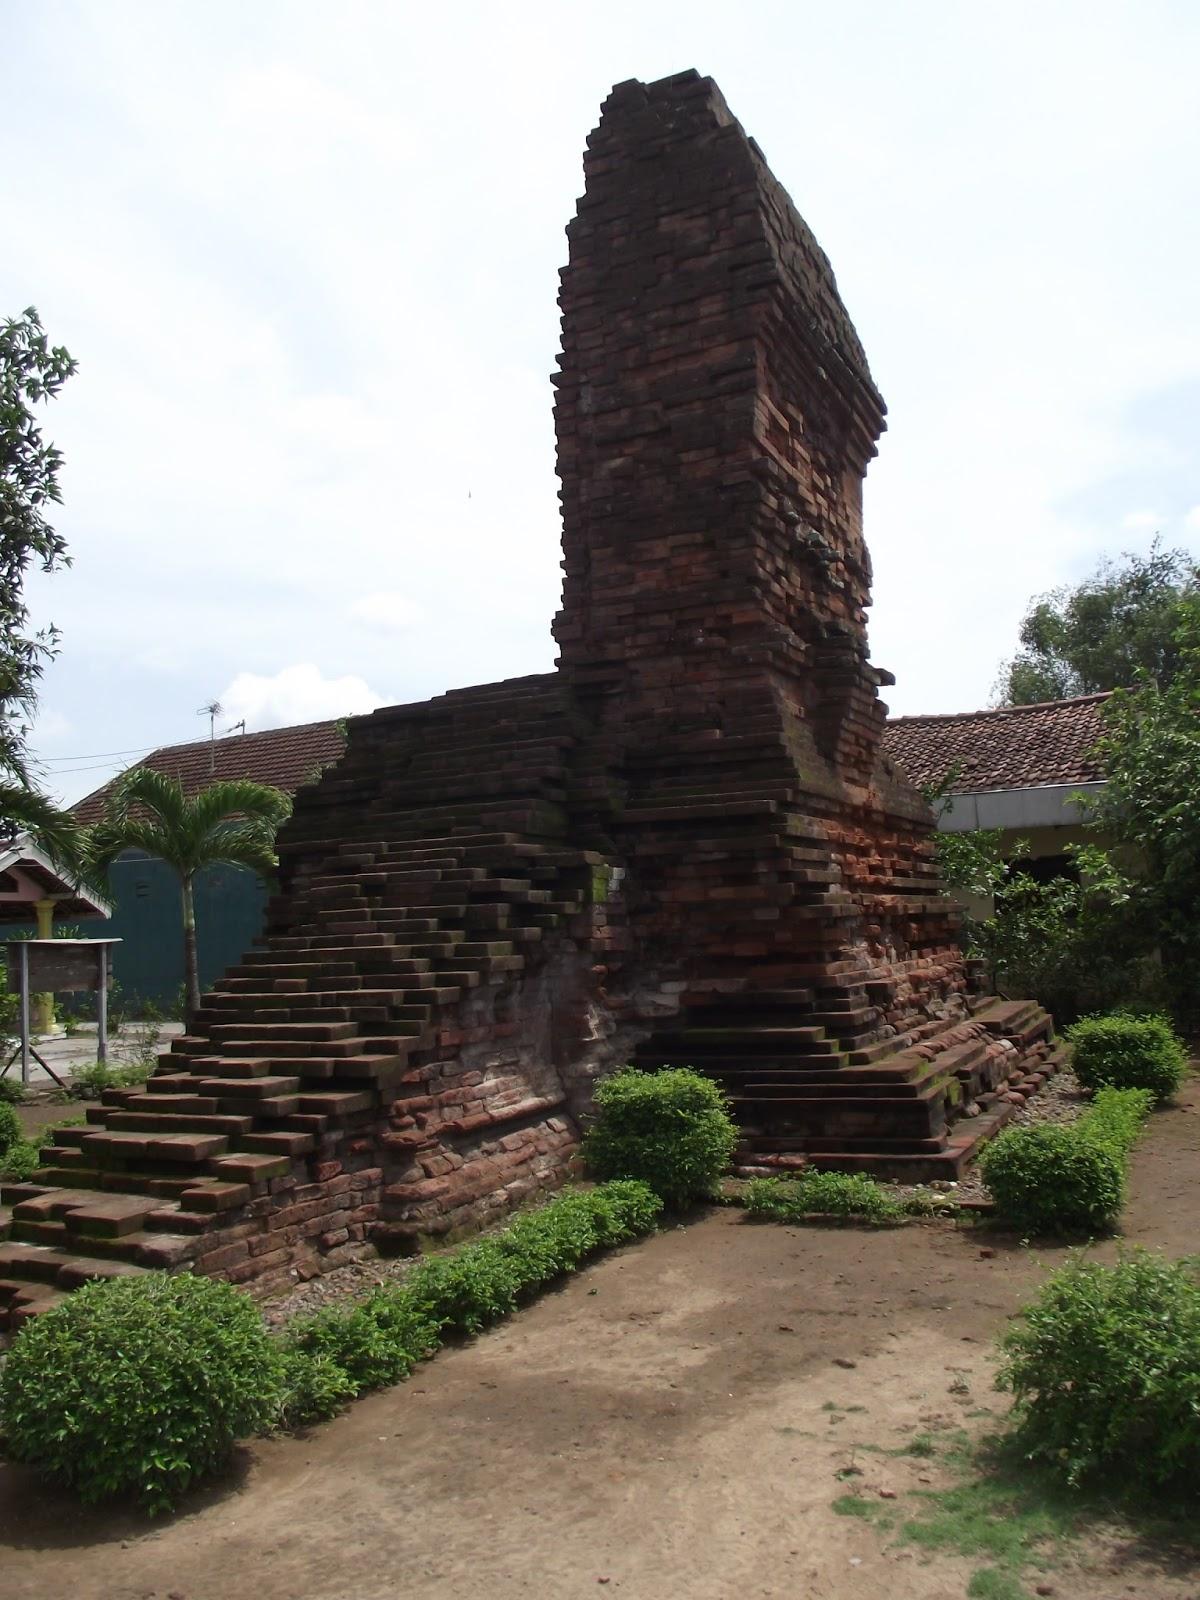 Candi Indonesia Sidoarjo Jawa Timur Tampak Samping Kanan Pari Kab